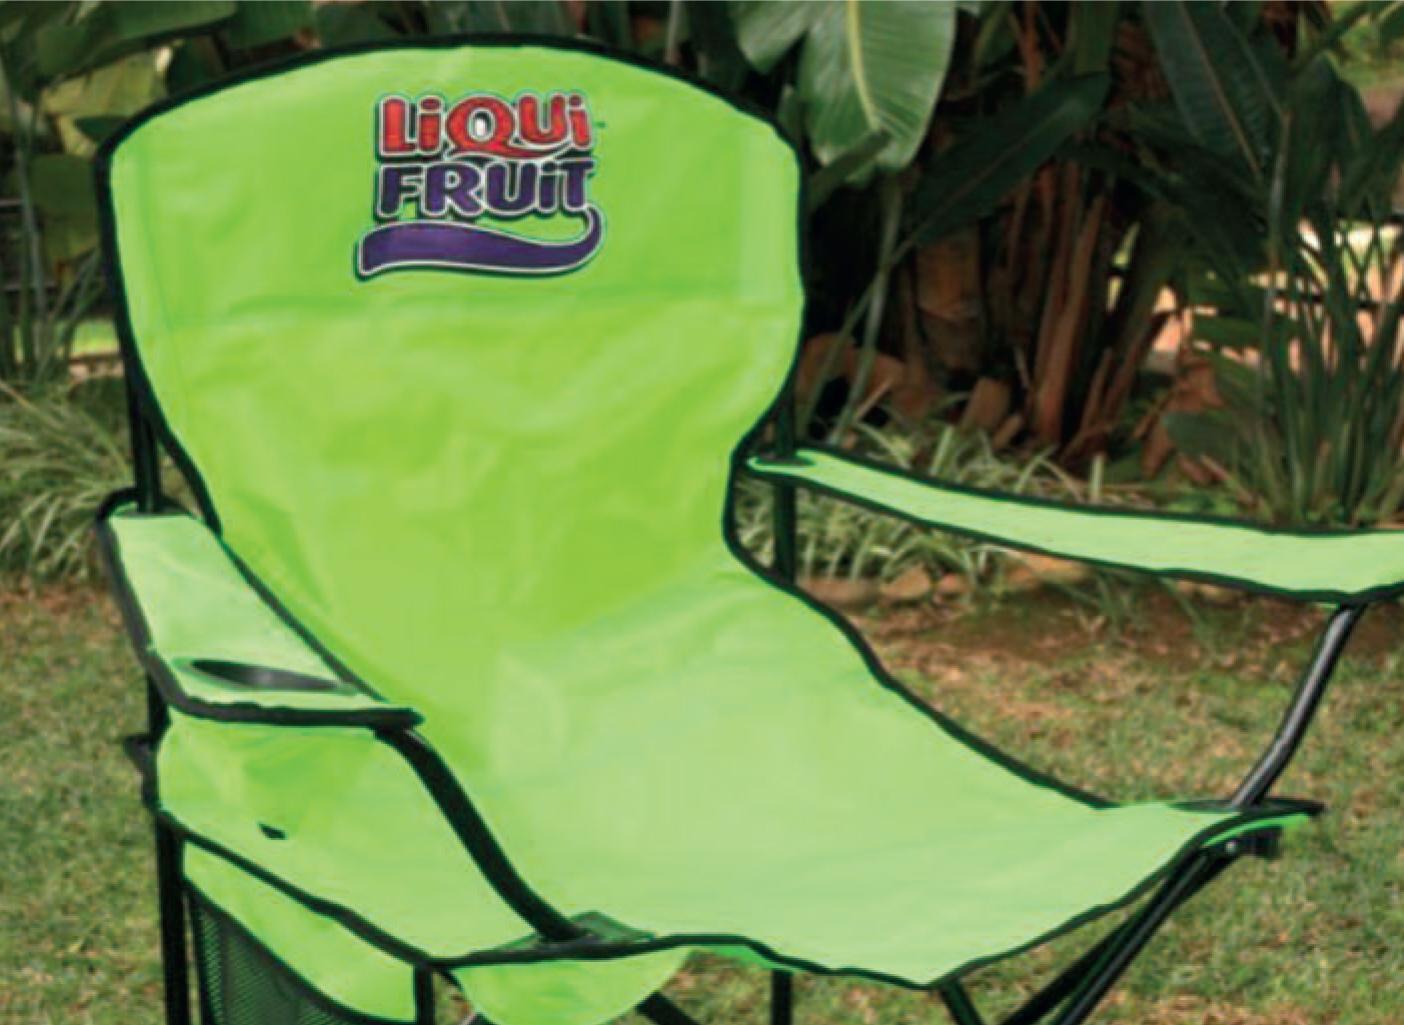 liquifruit_chair.jpg